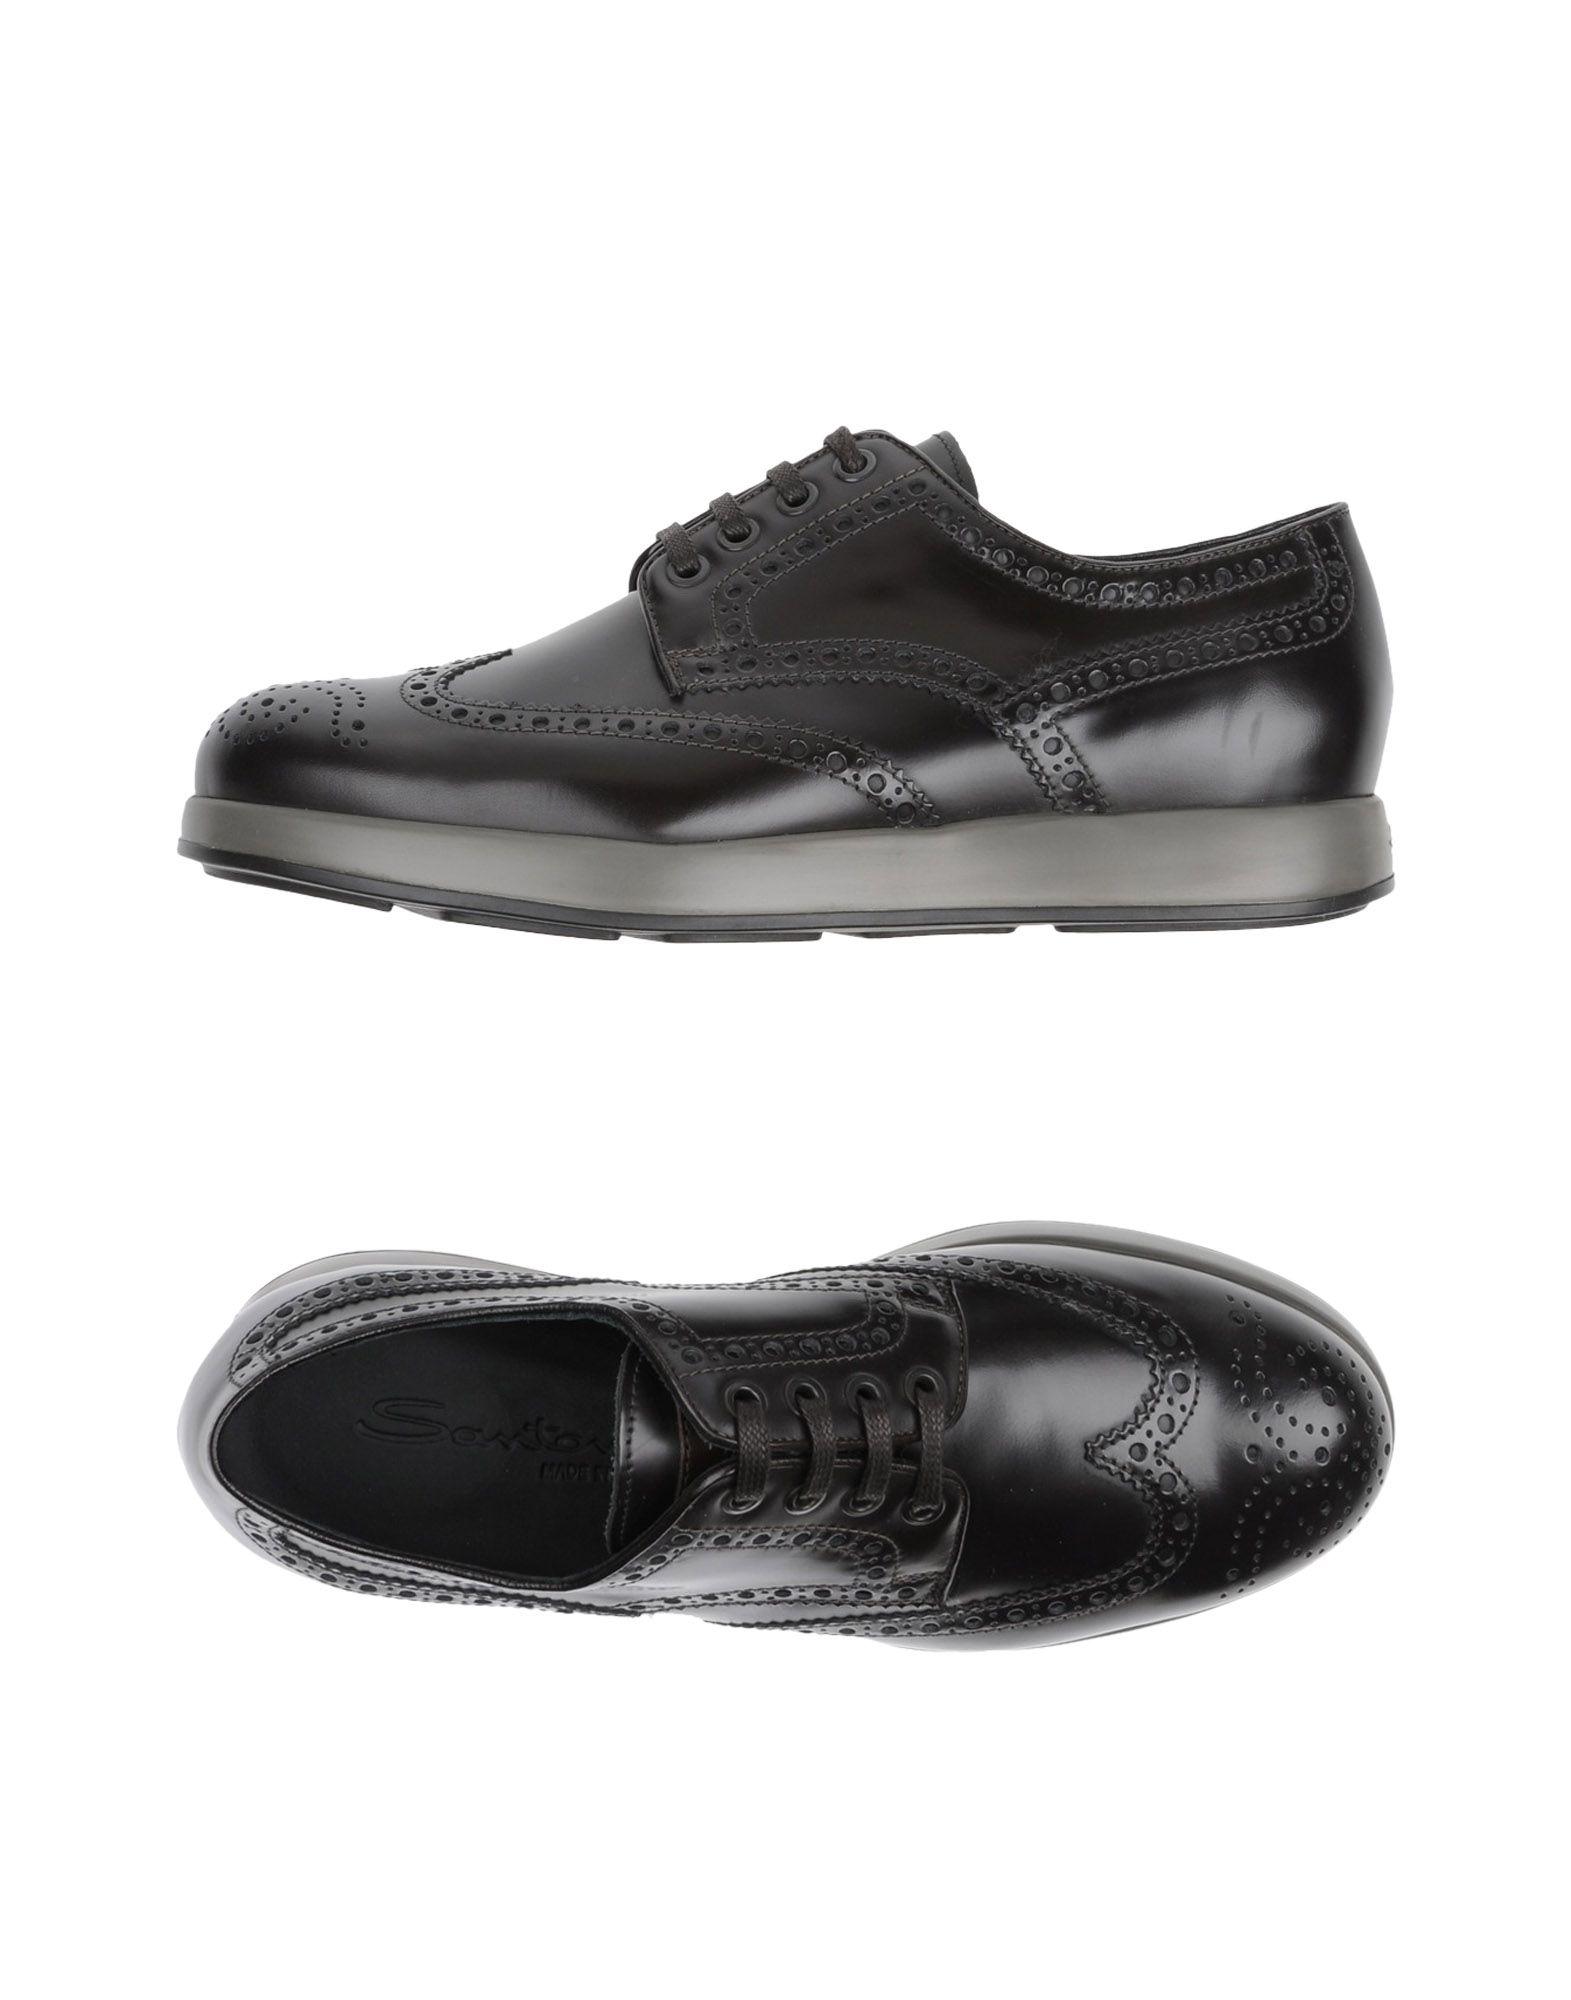 Santoni Schnürschuhe Herren  11241723JE Gute Qualität beliebte Schuhe